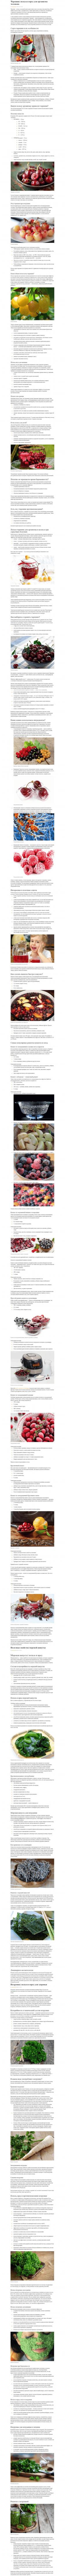 ПИЩЕВЫЕ ПРОДУКТЫ | Рецепты и правильное питание or